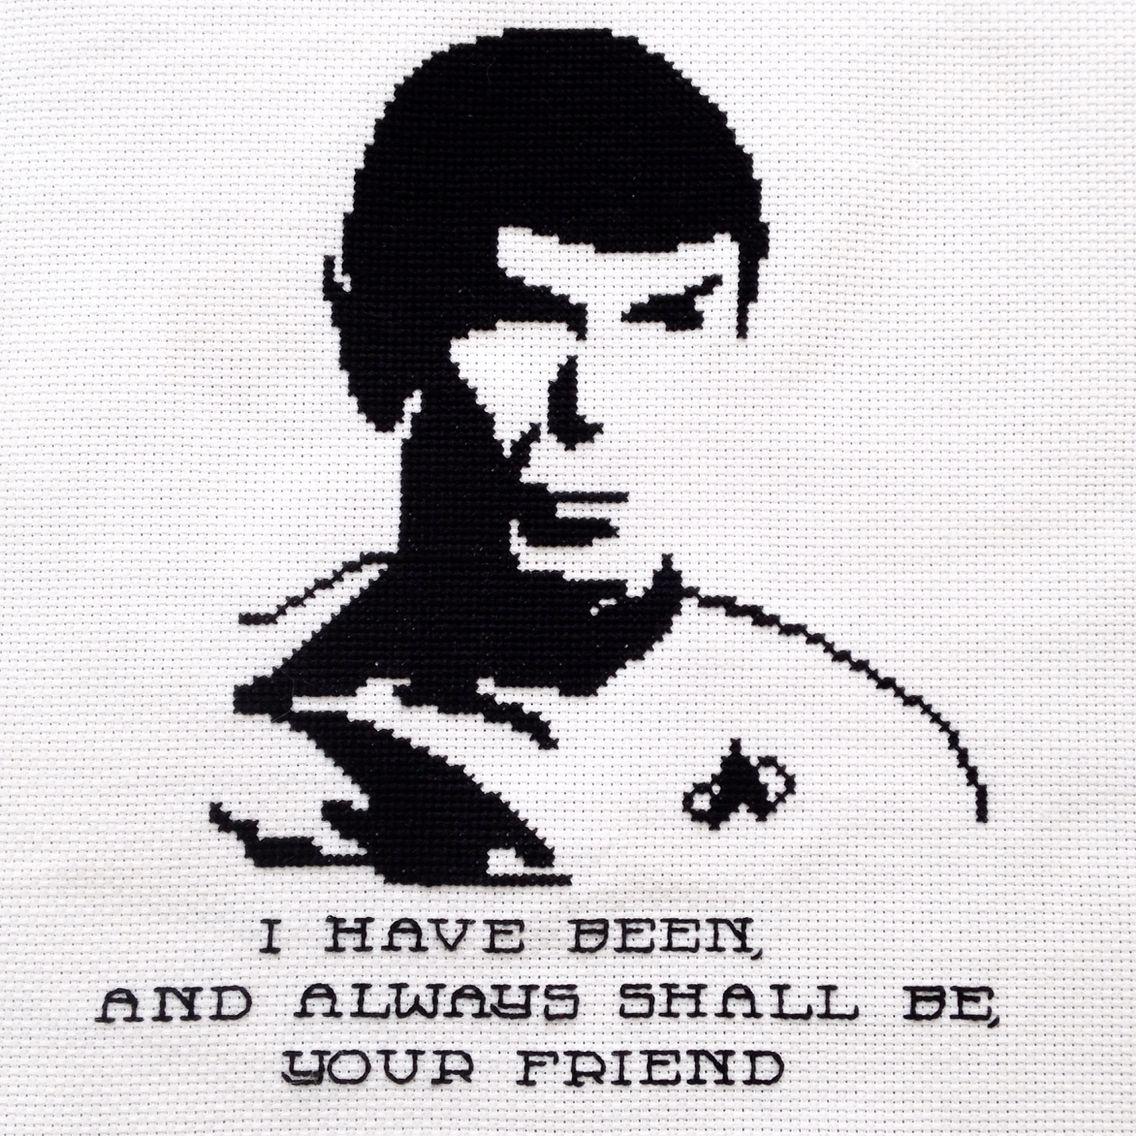 Kirk Enterprise Shatner Star Trek Cross stitch chart pattern Spock Nimoy